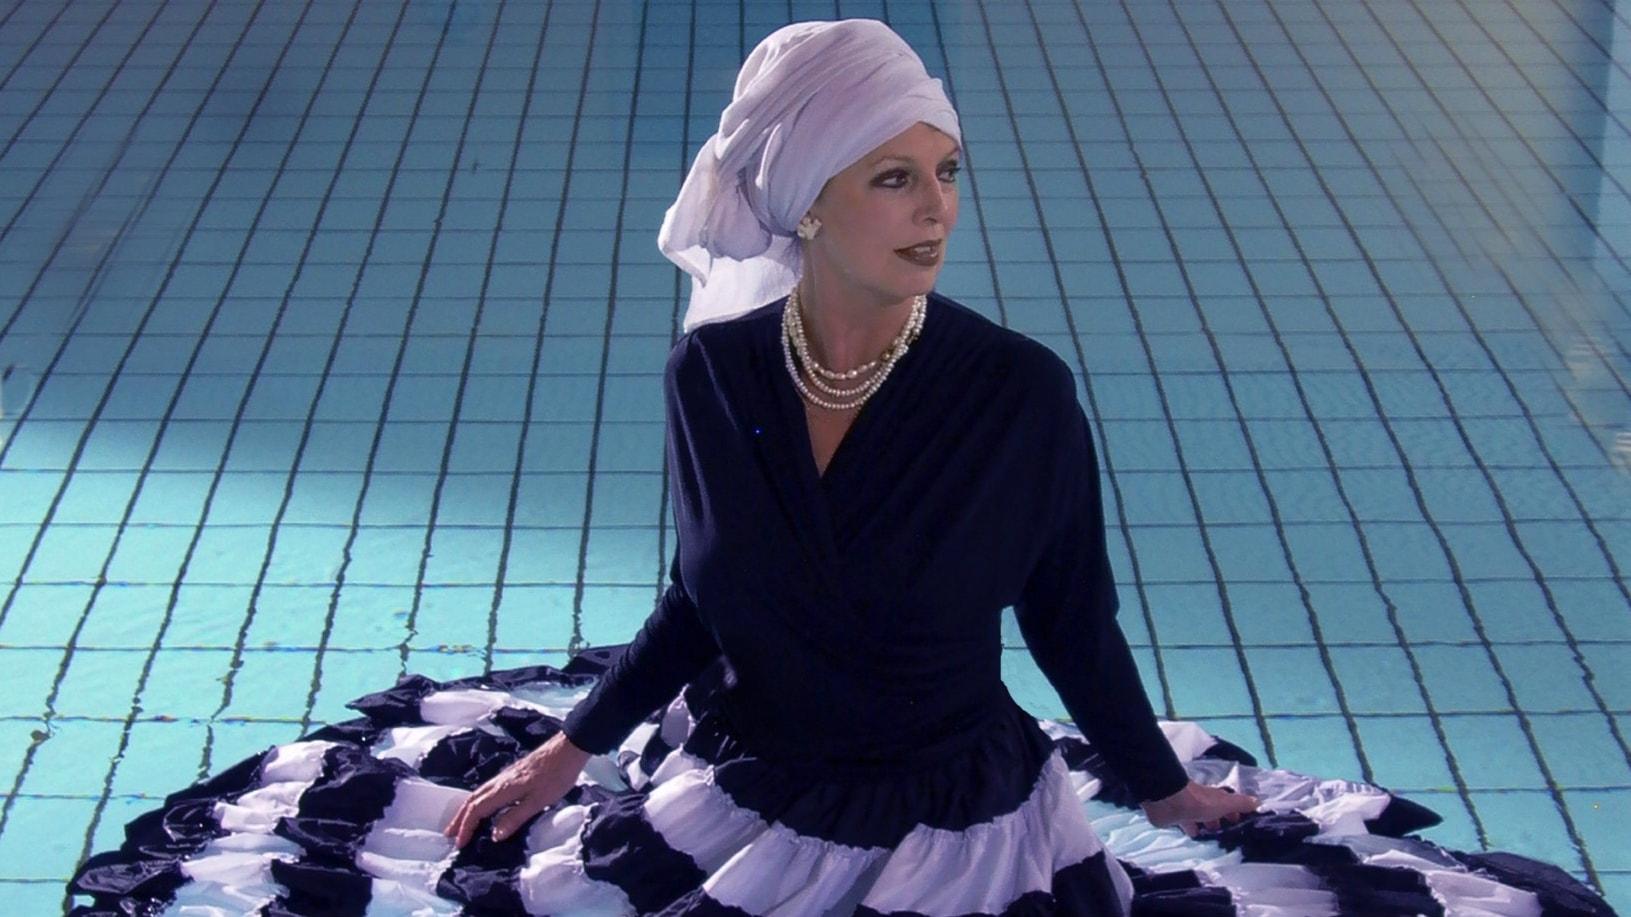 Musikbärarna - Suzanne Brøgger sjunger Blues. Möt en människa som lever tätt intill musiken.